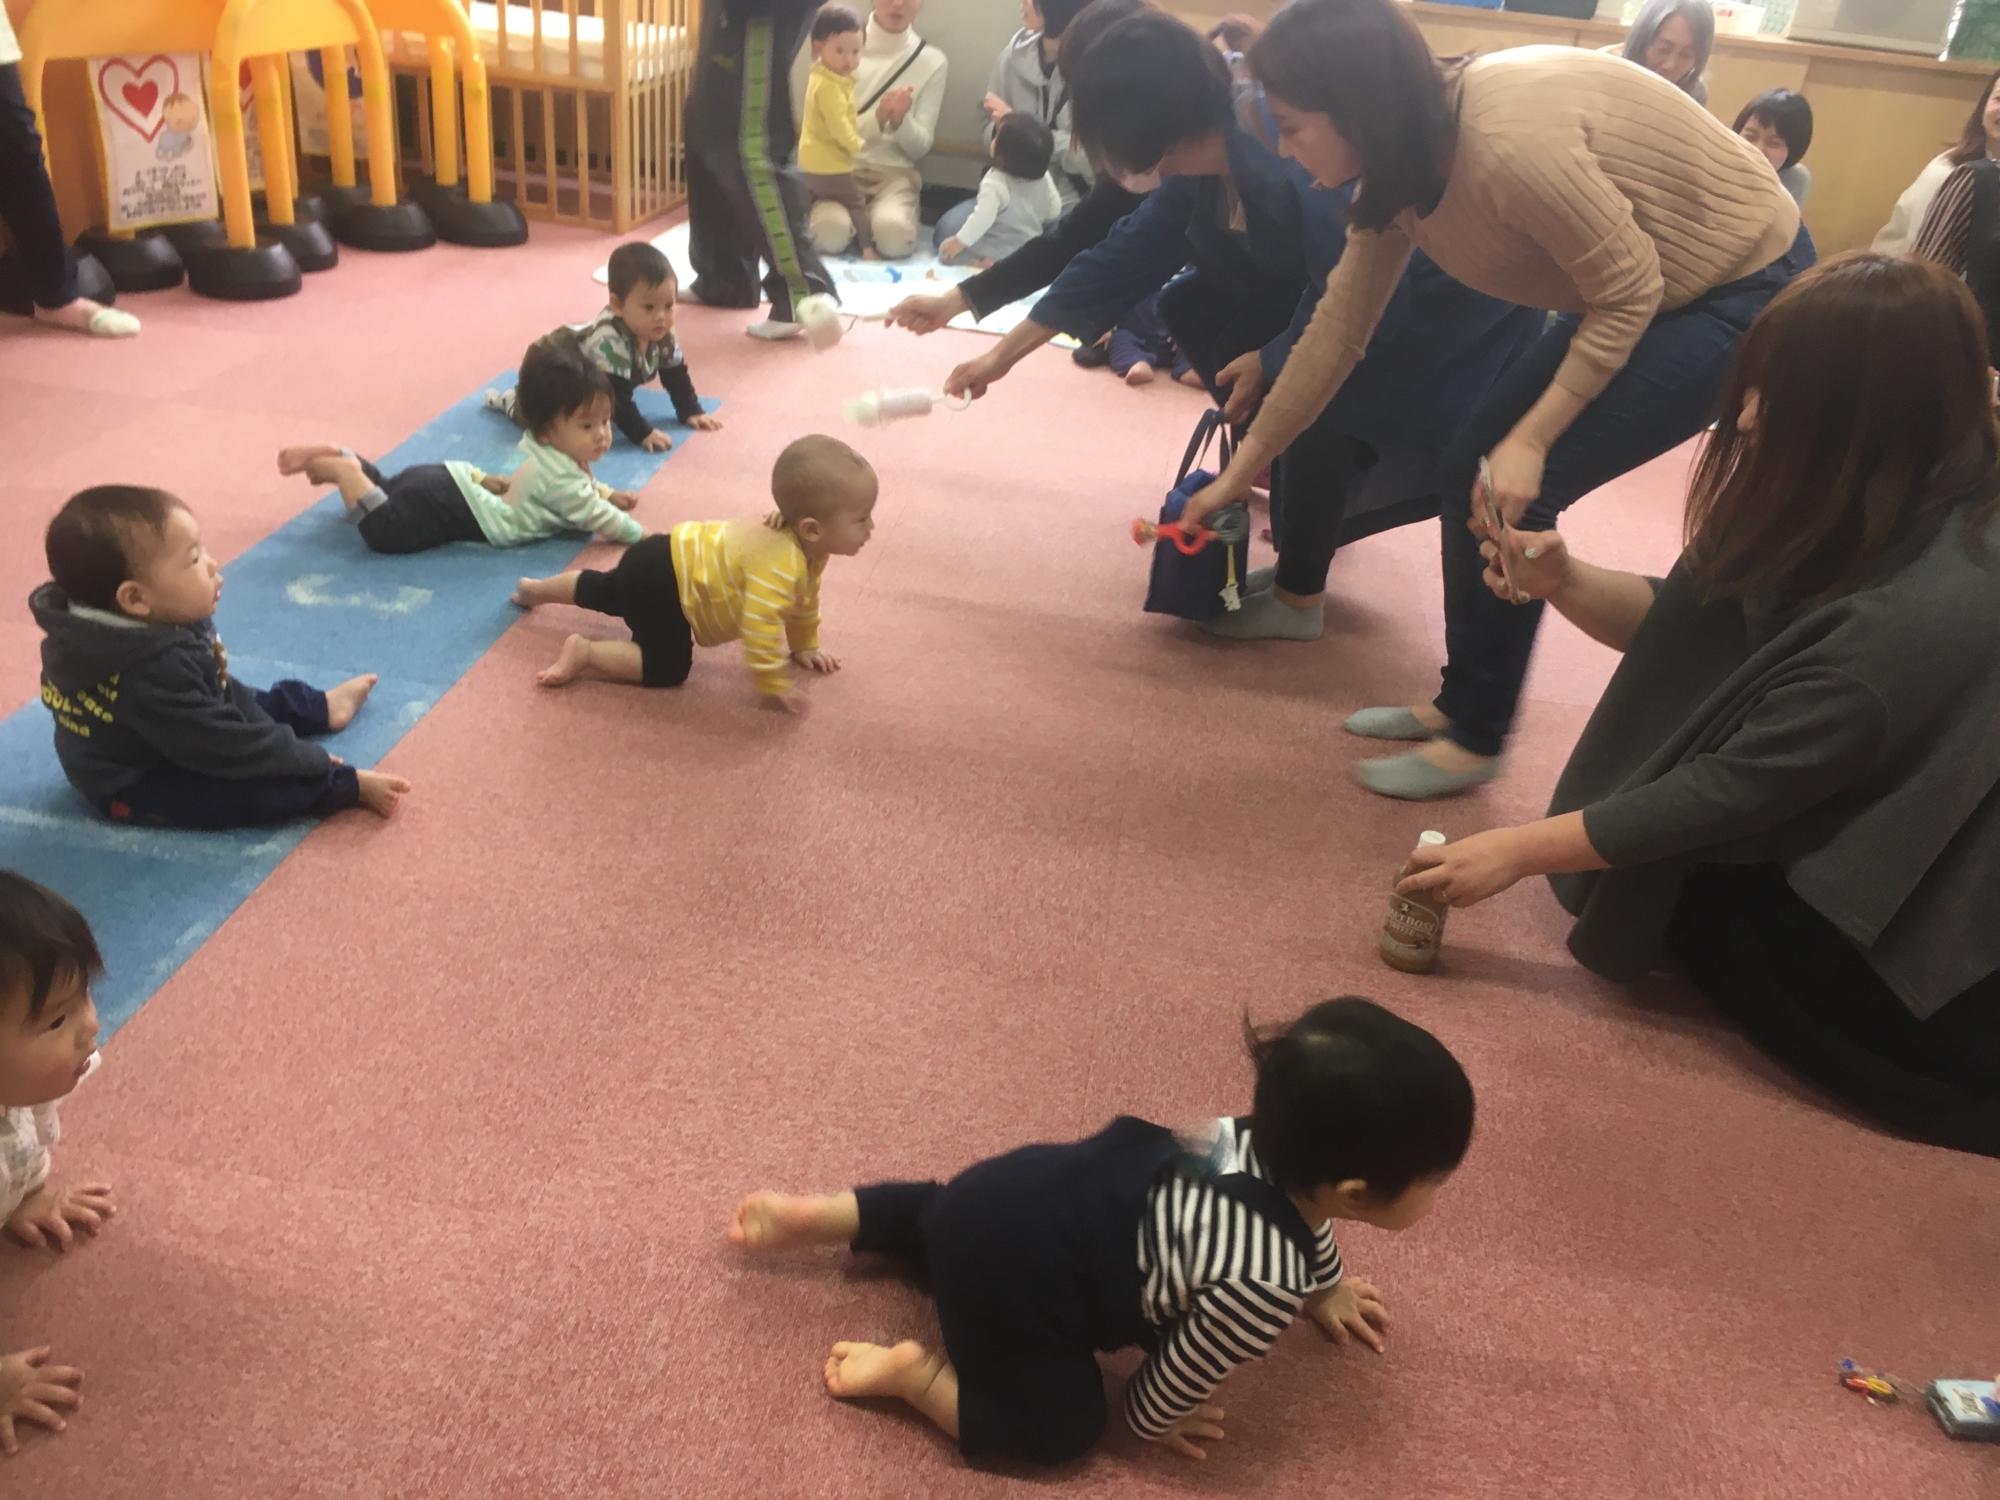 神戸市立六甲道児童館「赤ちゃんハイハイカタカタレース」